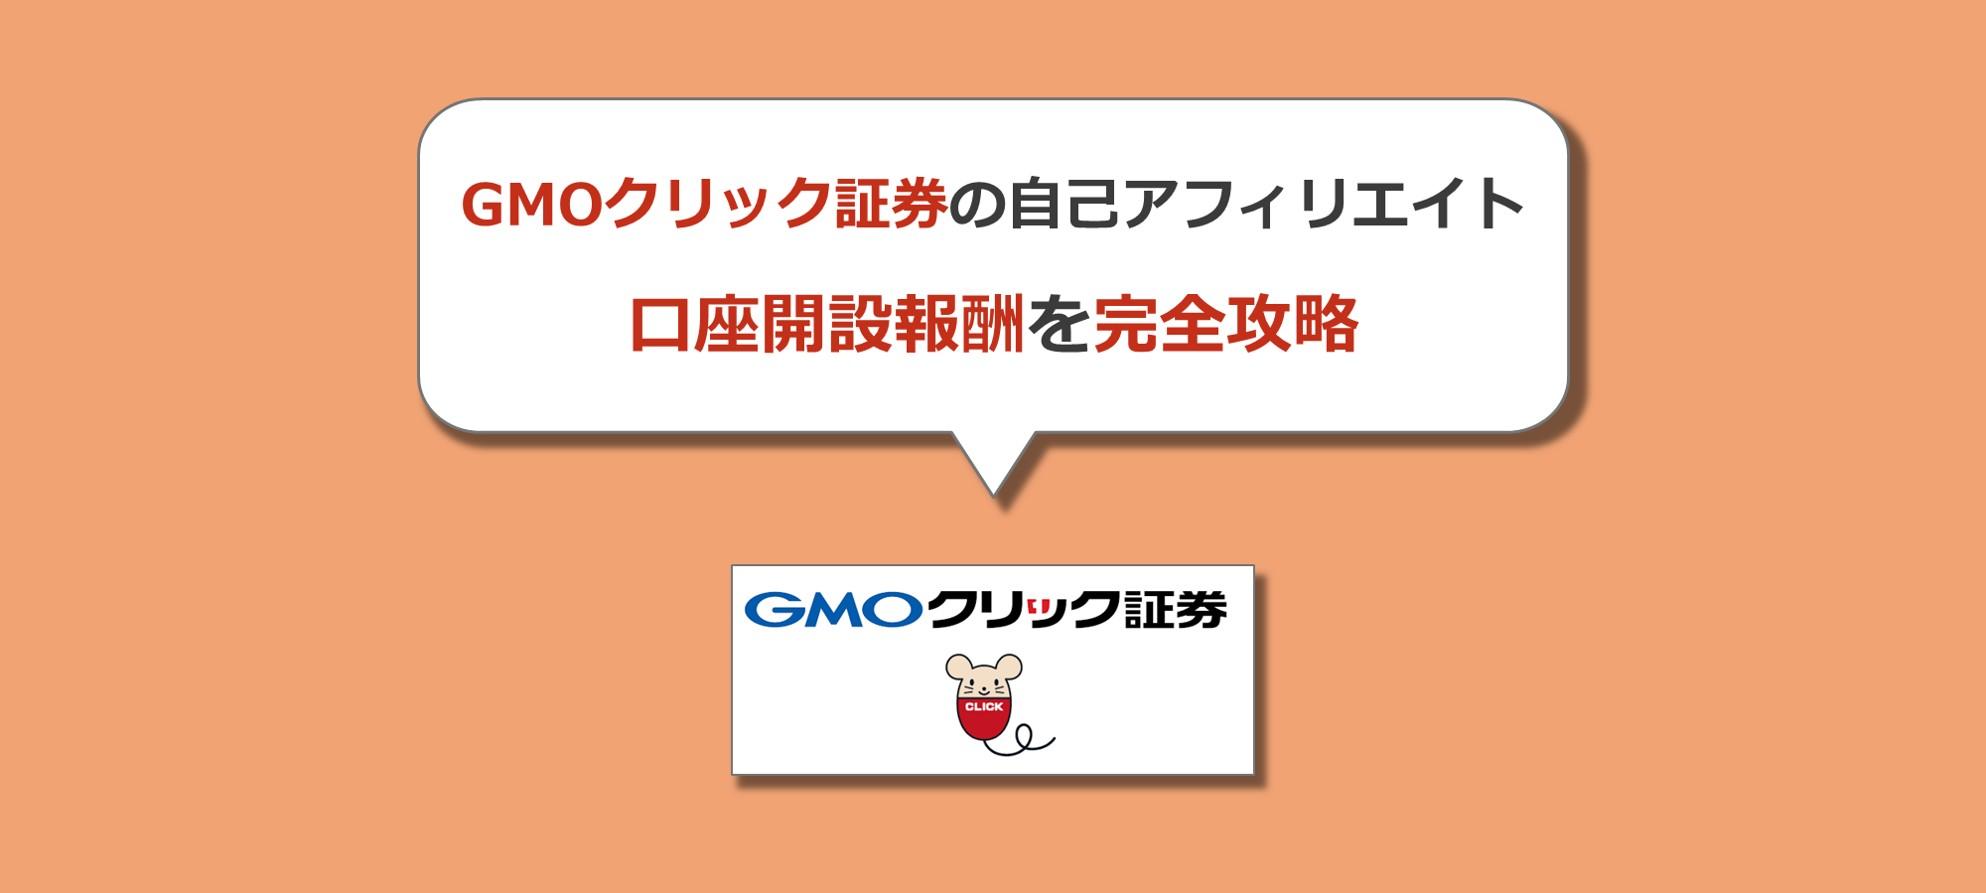 【自己アフィリエイト】GMOクリック証券FXで報酬を受取る具体的な取引手順